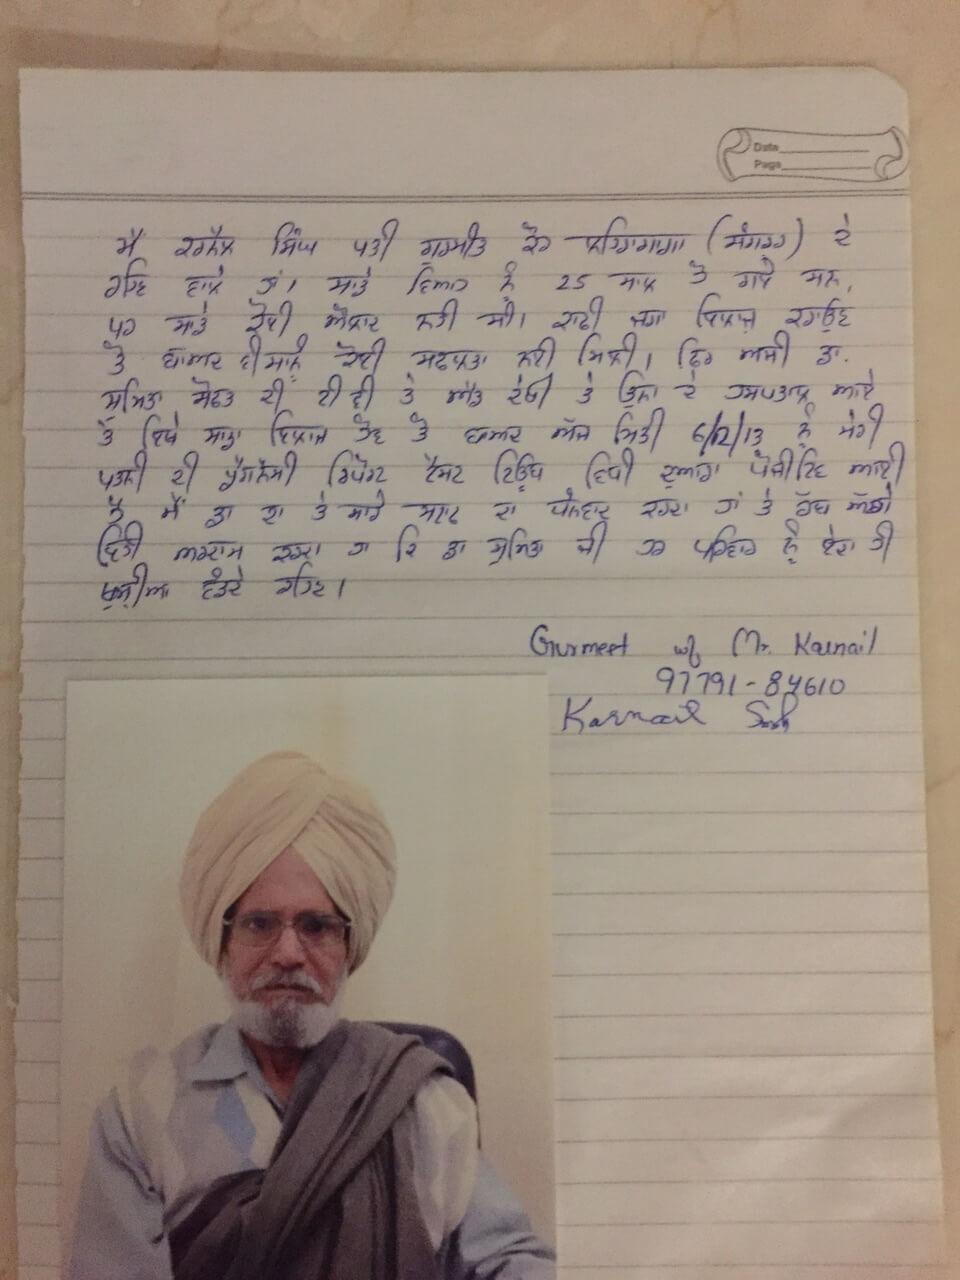 Karnail-Singh-Gurmeet-Kaur